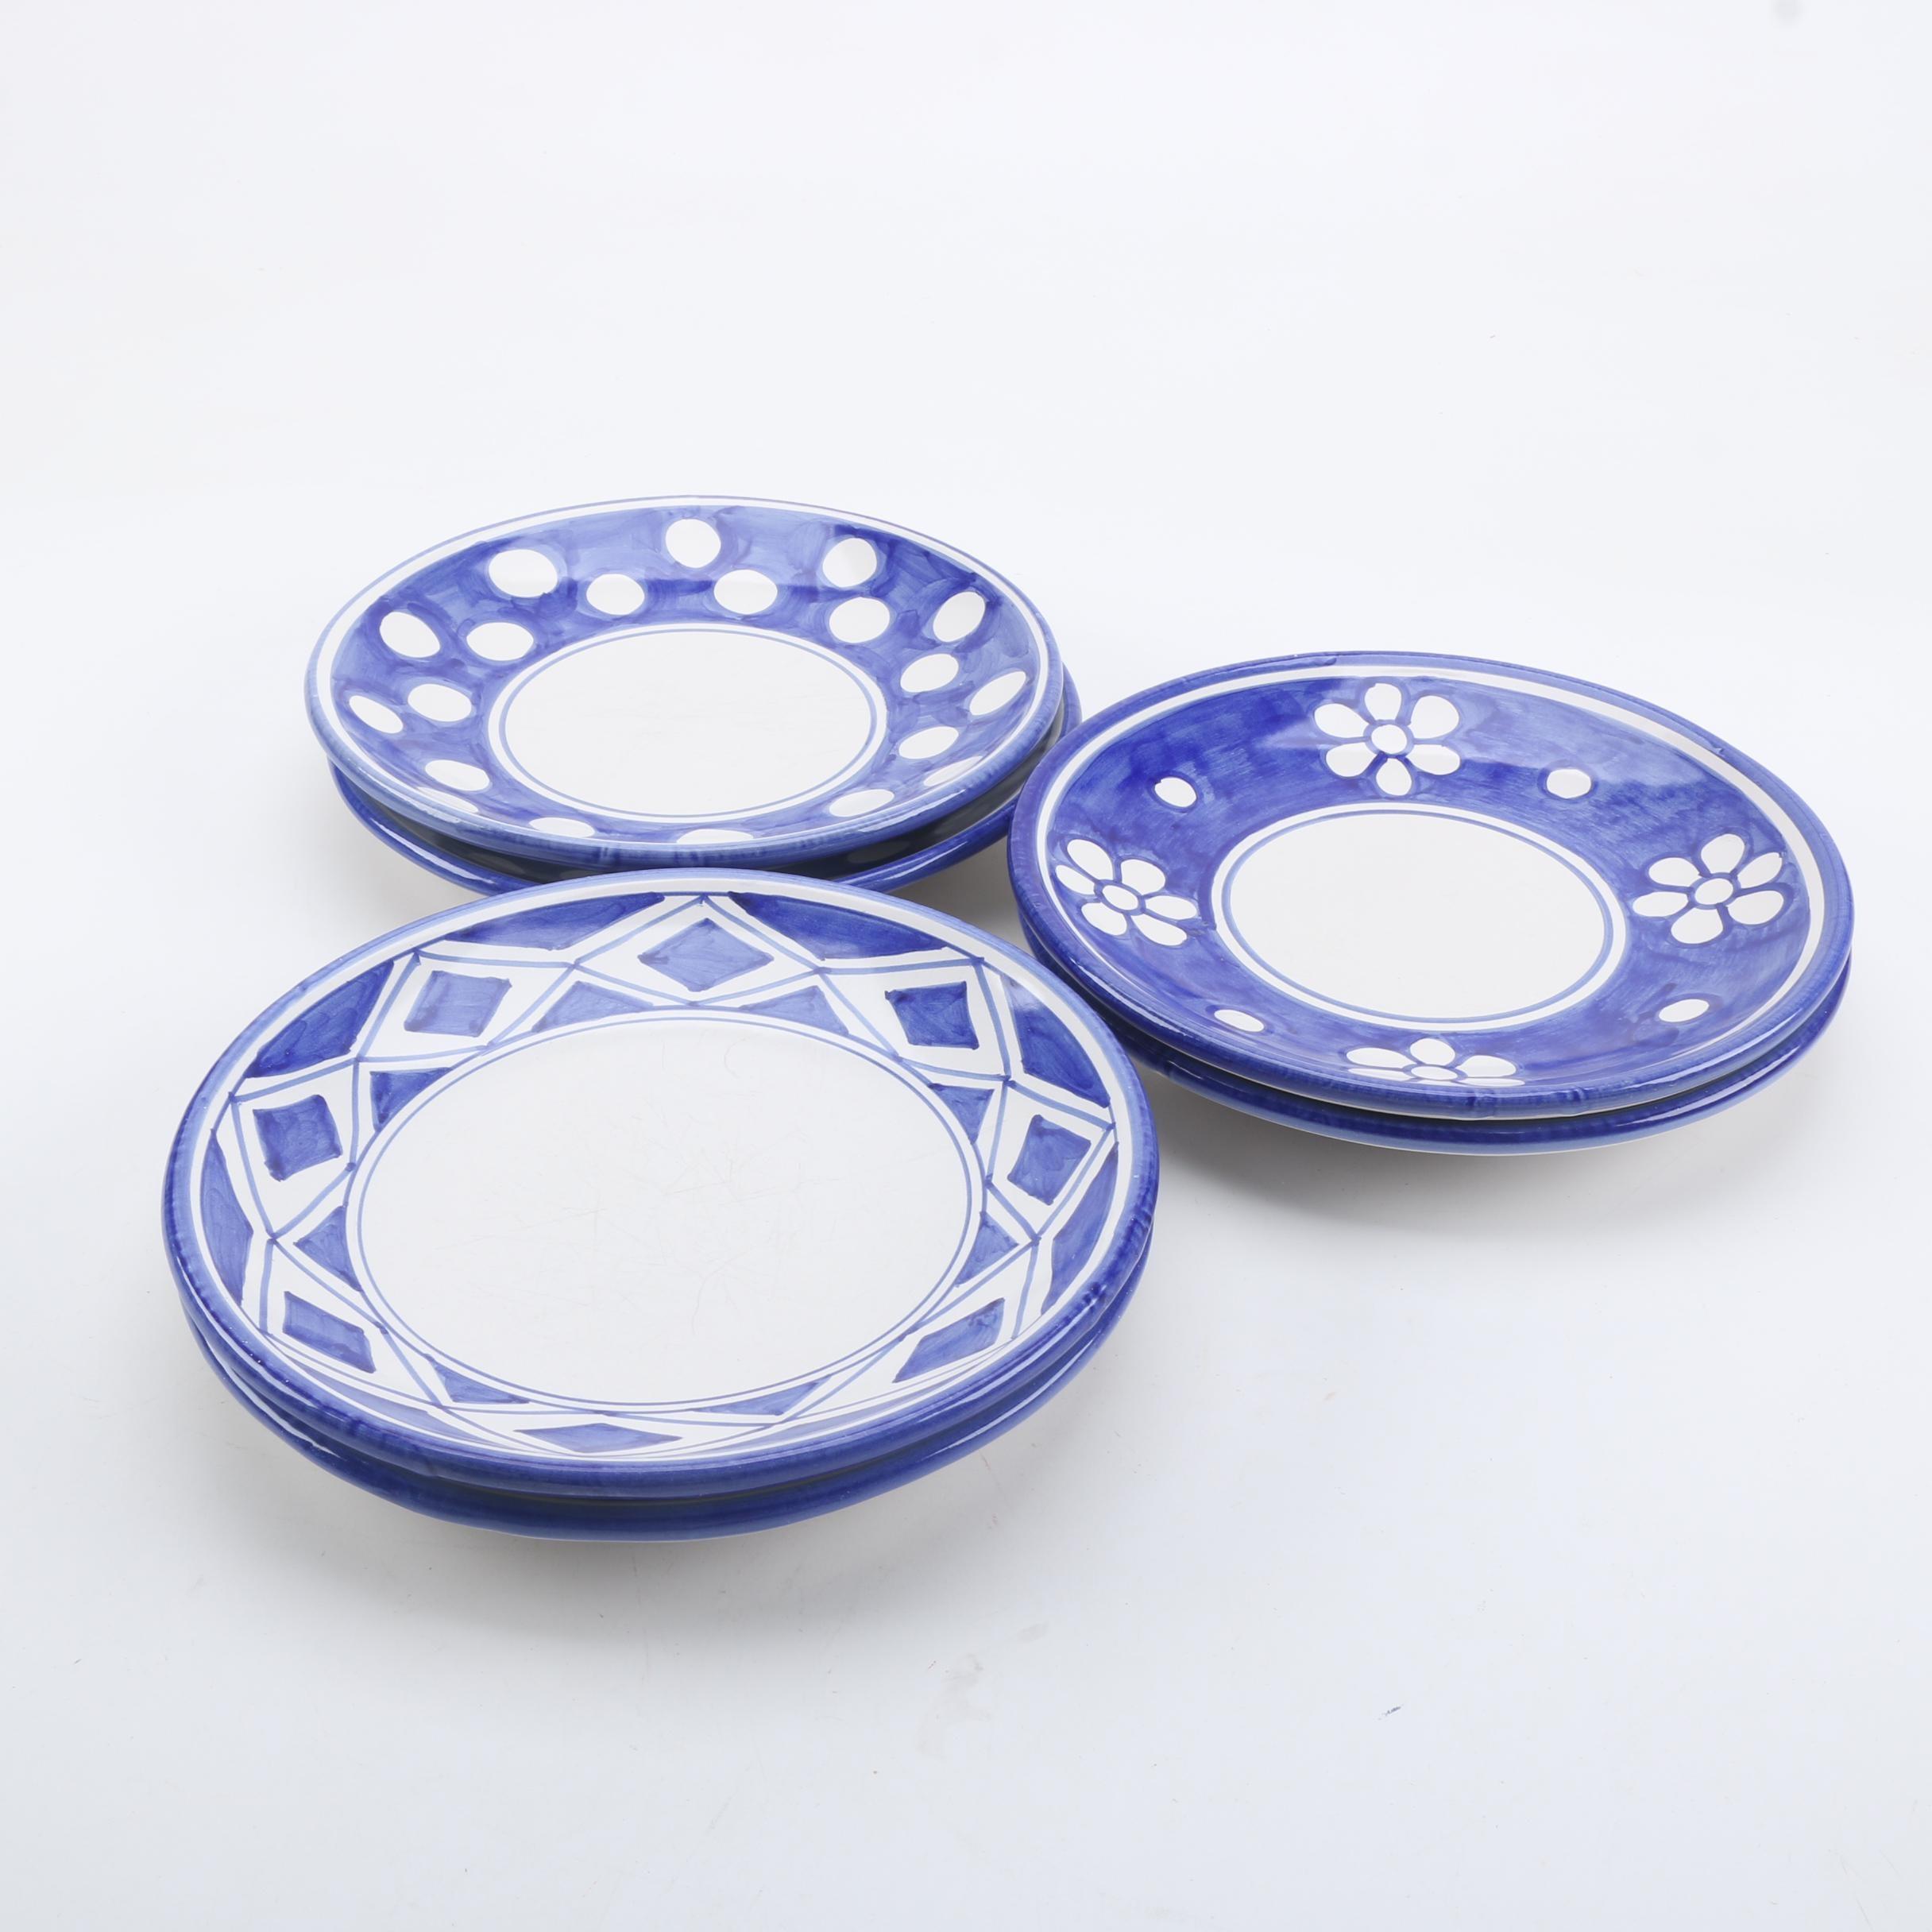 Italian Earthenware Dinner Plates ... & Italian Earthenware Dinner Plates : EBTH